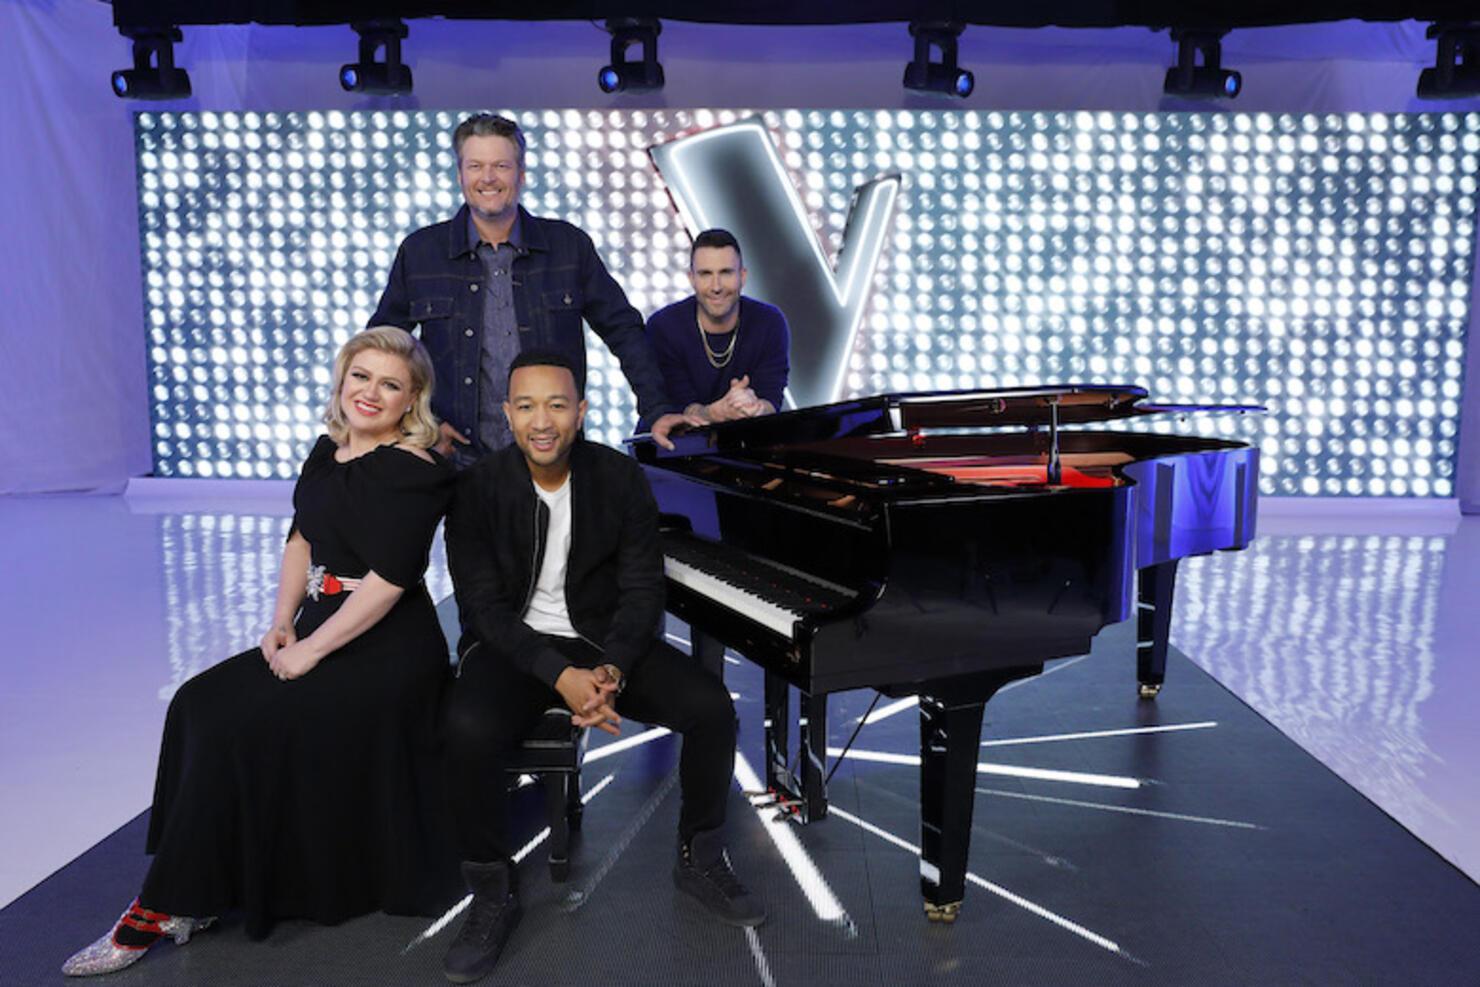 The Voice - Season 16